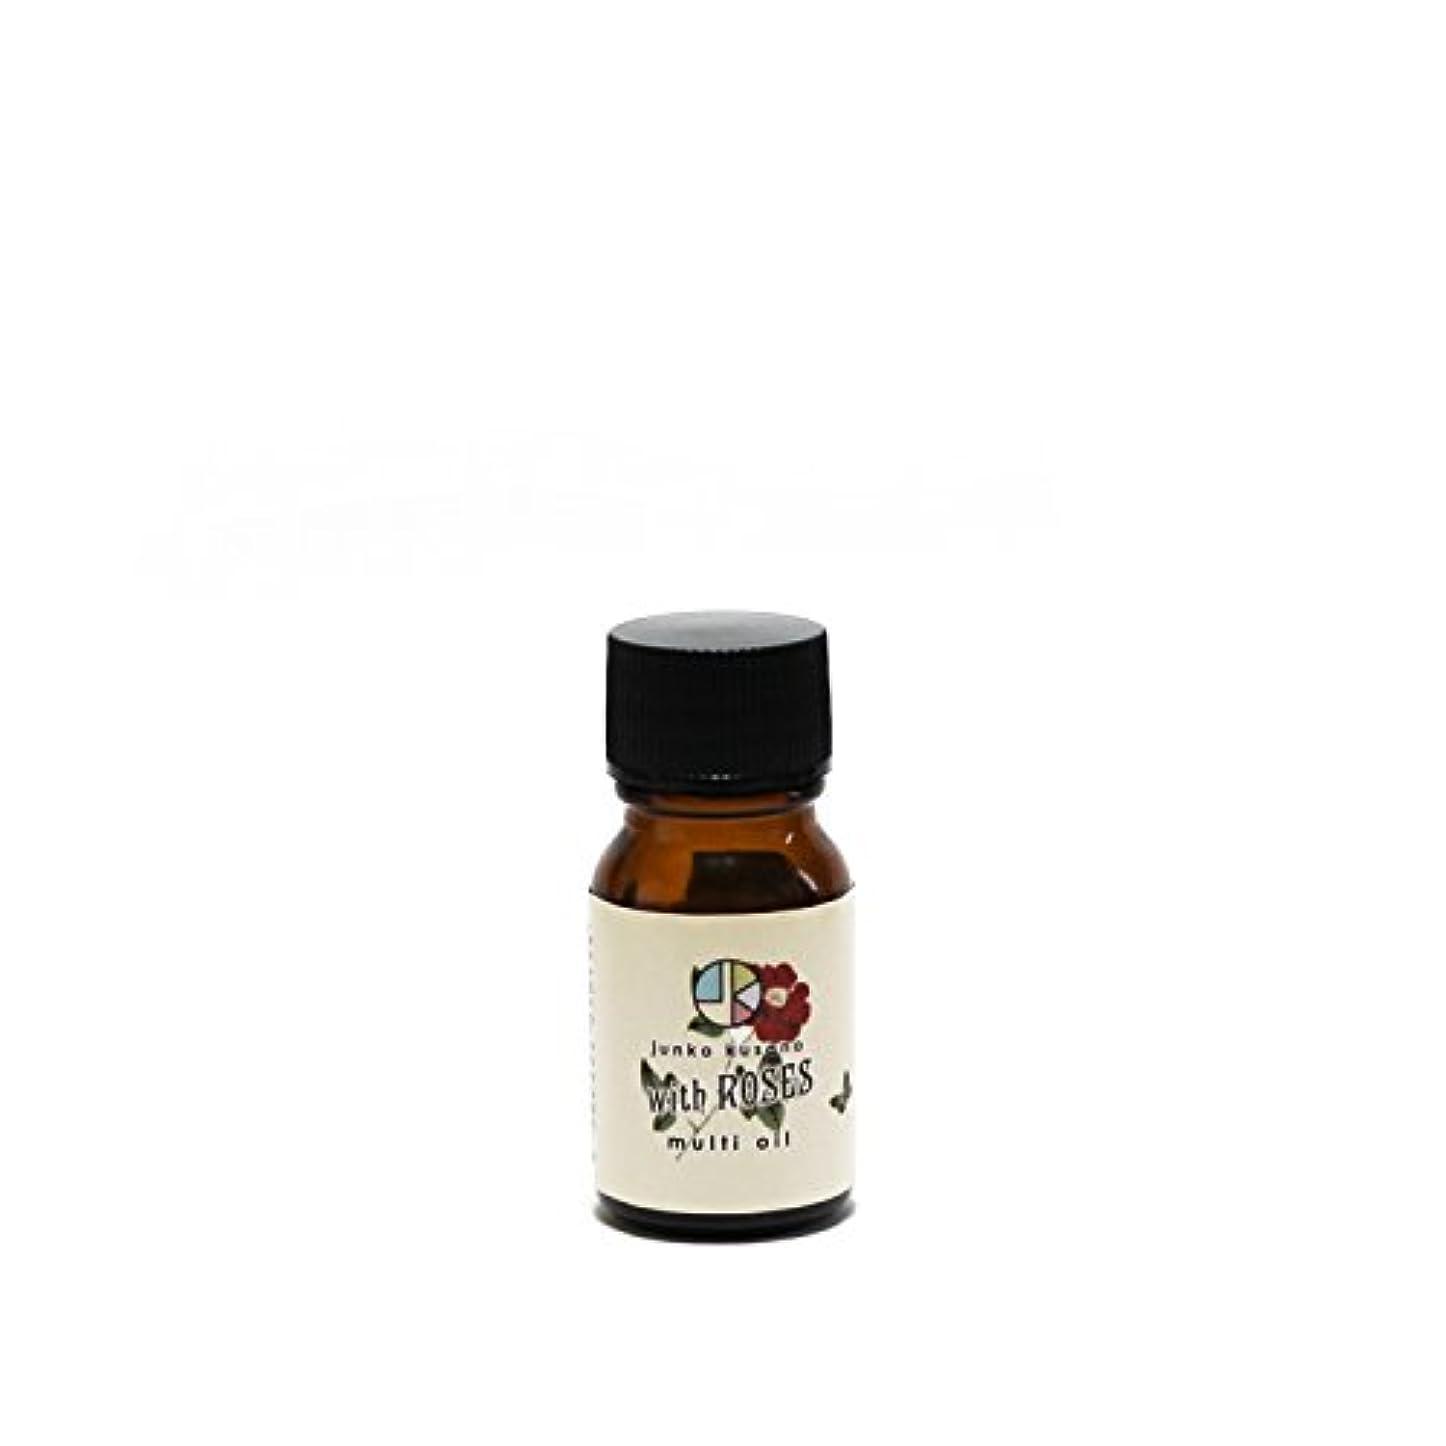 直感メイエラ永遠にjunko kusano multi oil with Roses mini マルチオイルwithローズ ミニボトル10ml